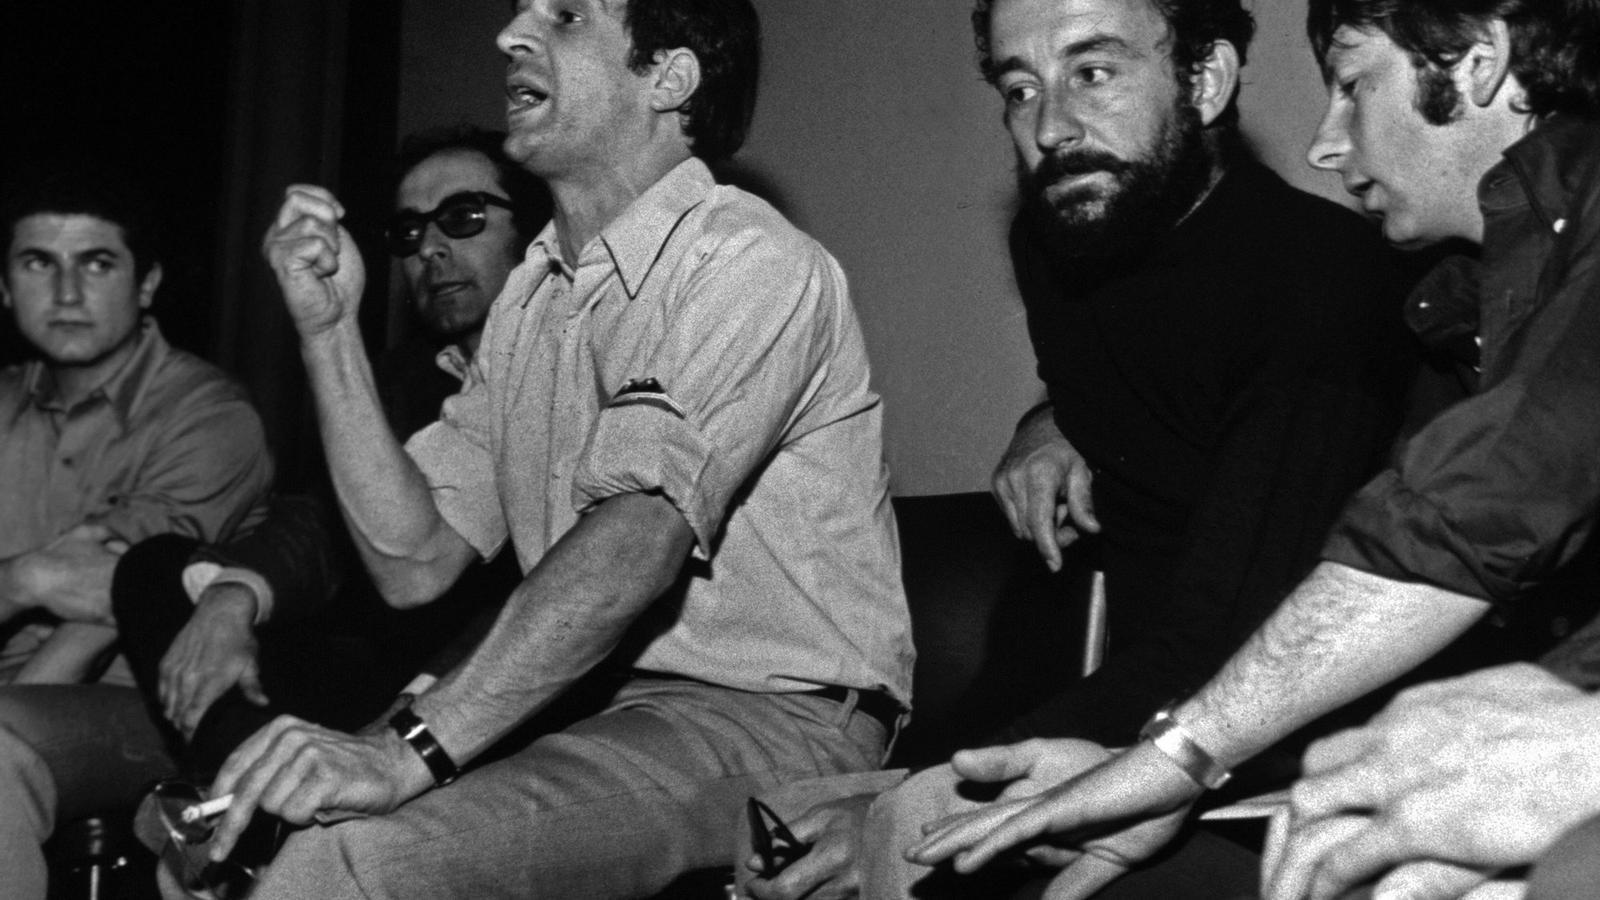 François Truffaut / HUFFSCHMITT - EFE